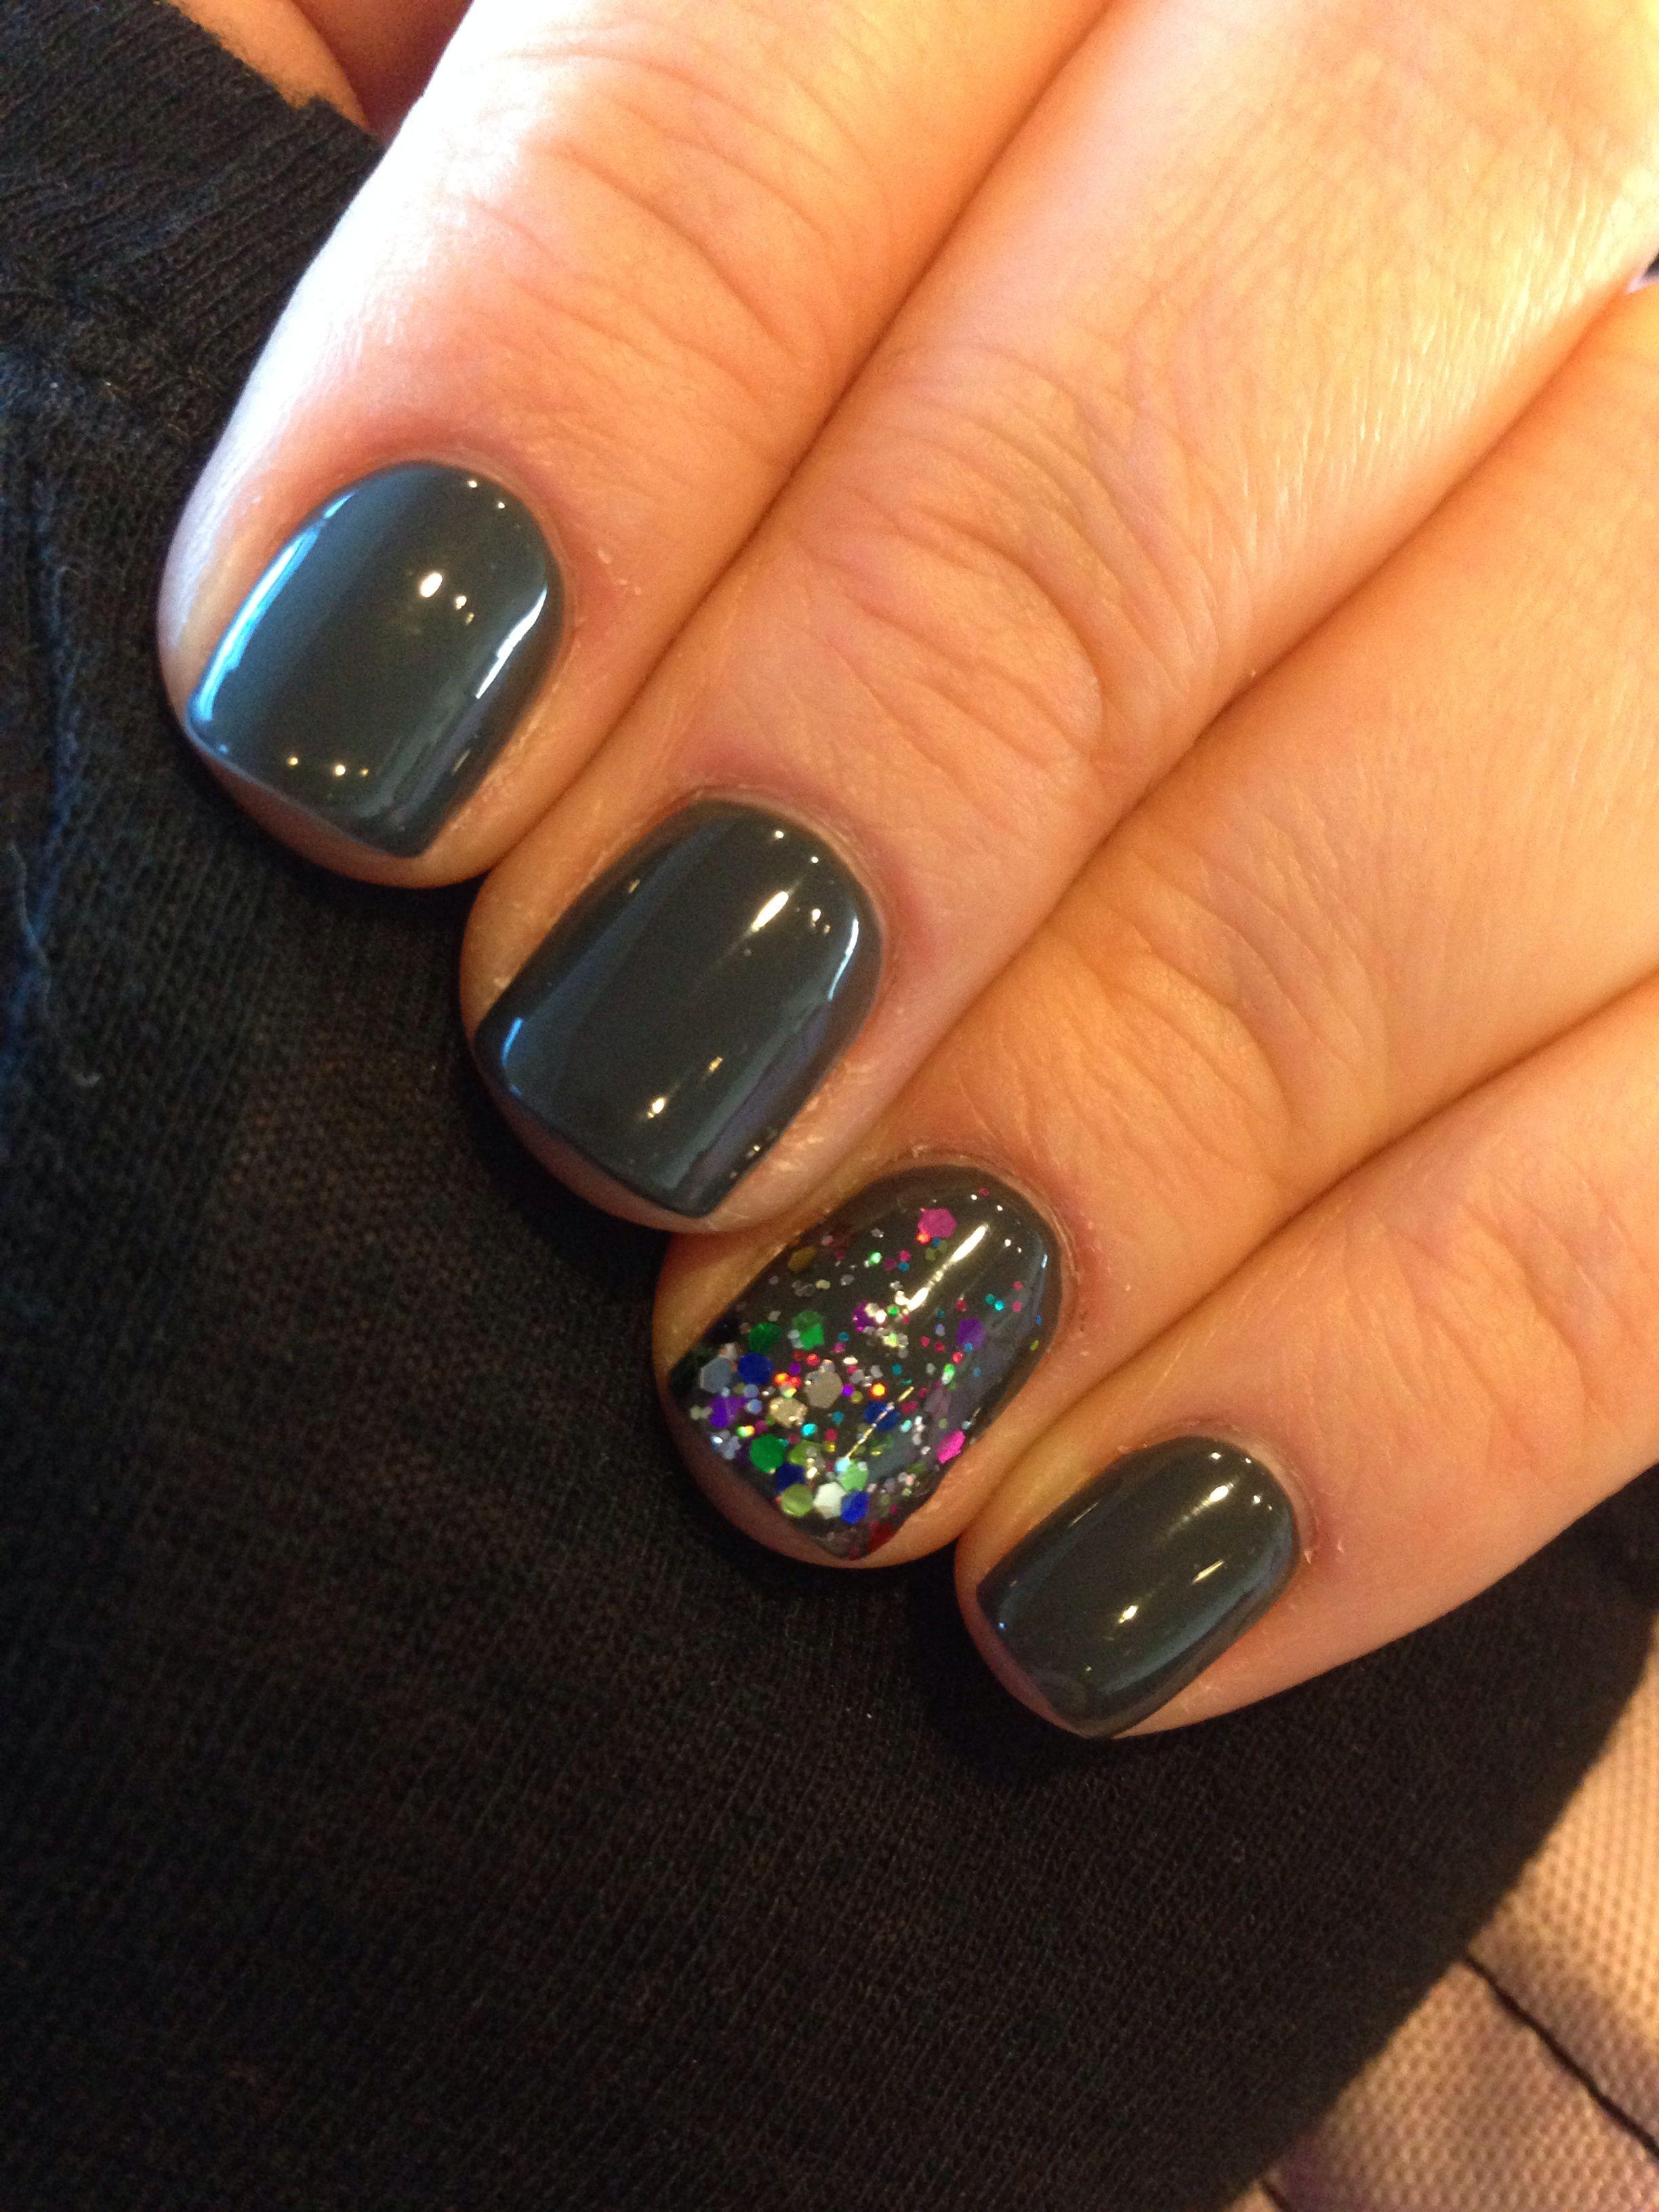 Vacation nails!   Nails   Pinterest   Vacation nails ...